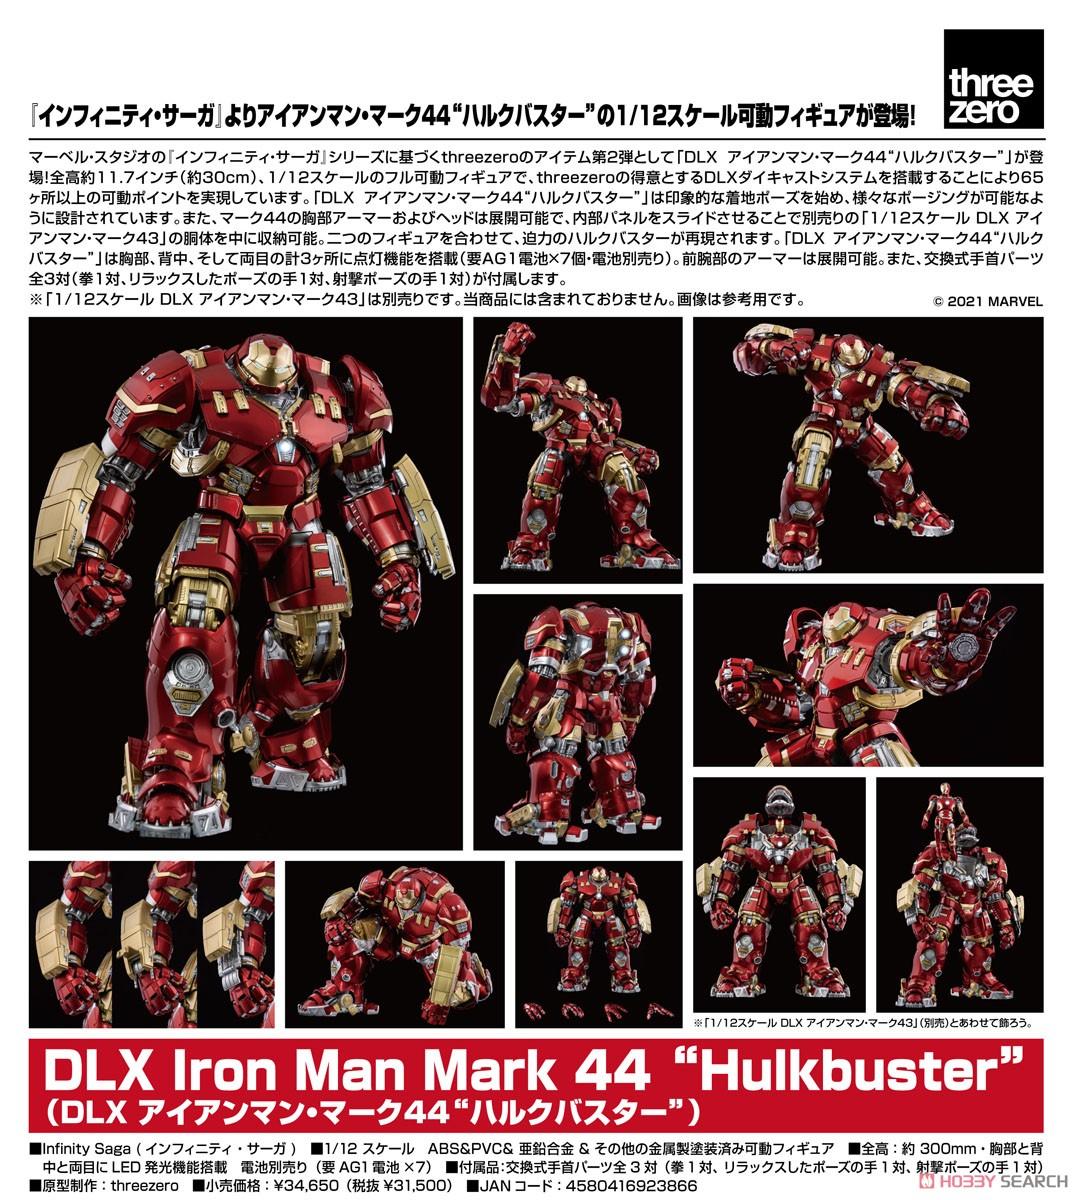 """インフィニティ・サーガ DLX 『アイアンマン・マーク44 """"ハルクバスター""""(Iron Man Mark 44 """"Hulkbuster"""")』Infinity Saga 1/12 可動フィギュア-012"""